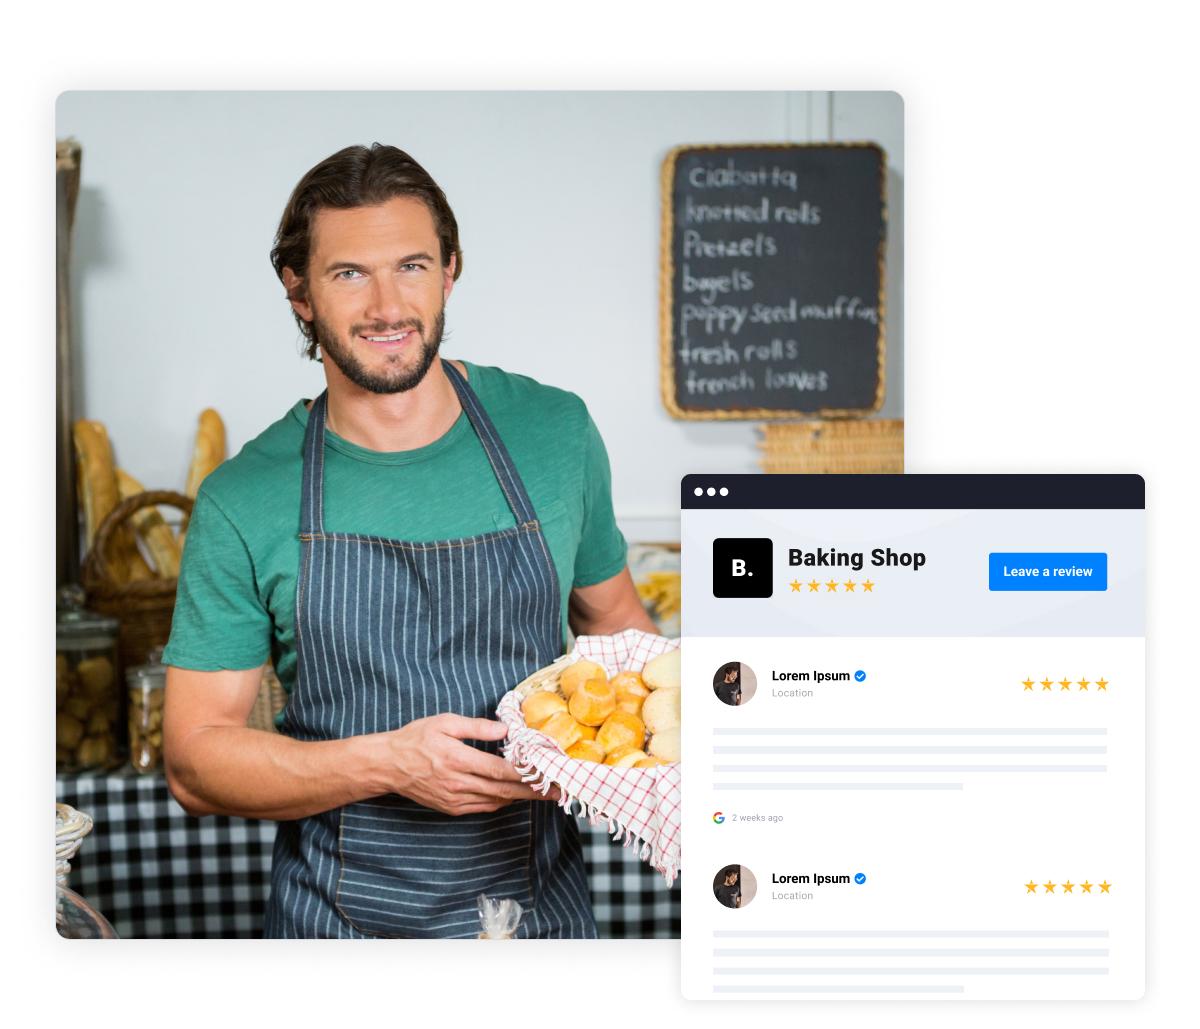 dedicated reviews webpage